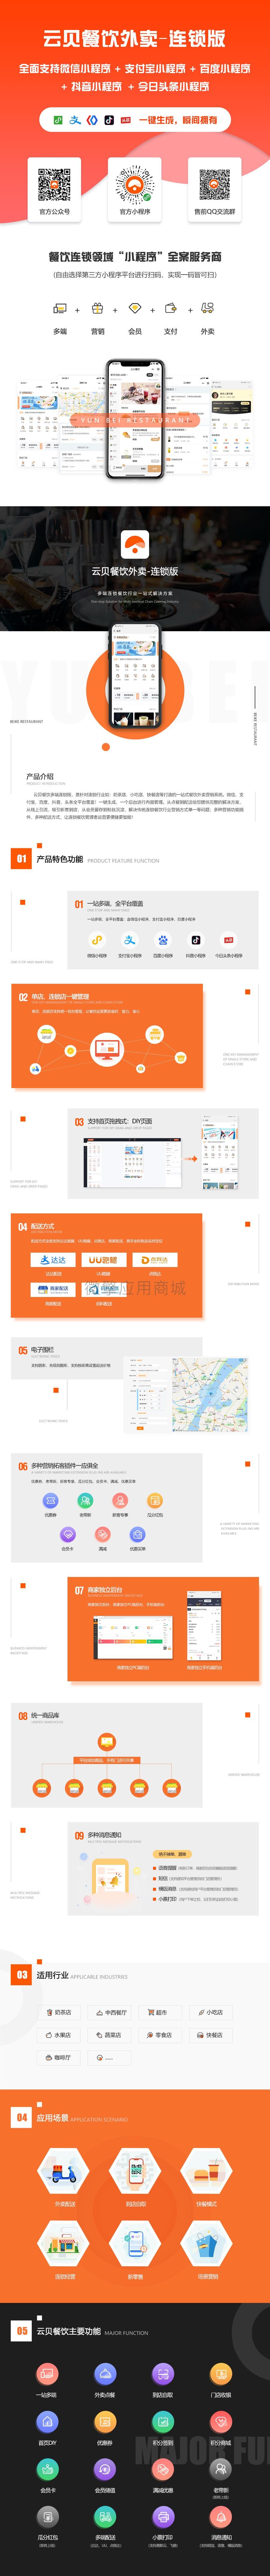 云贝-功能页面1.jpg